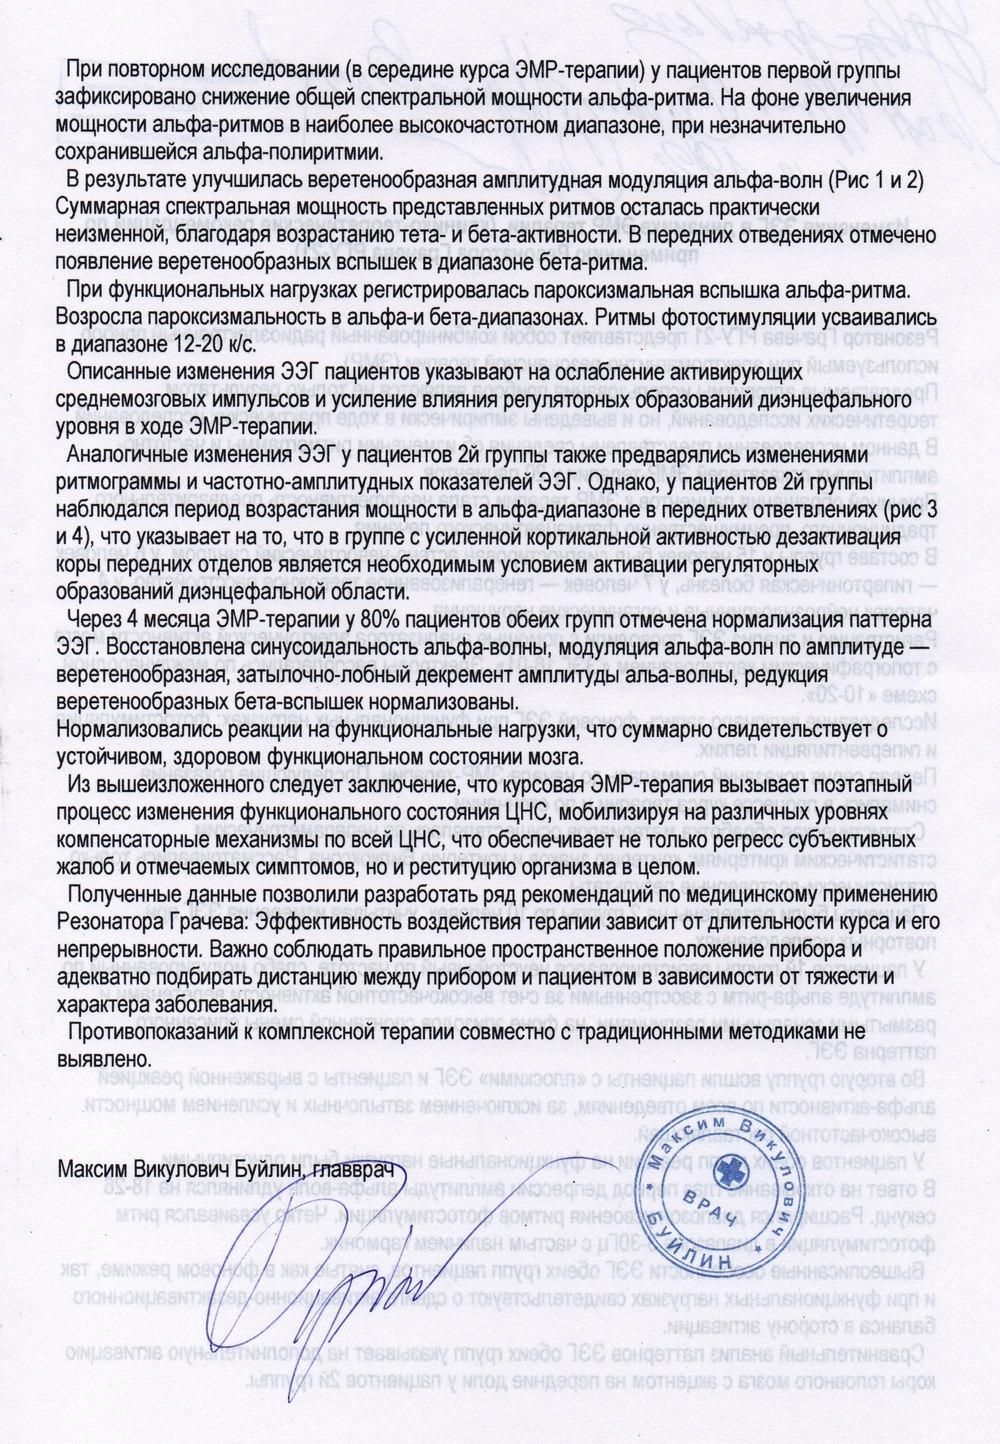 резонатор Грачёва - исследования